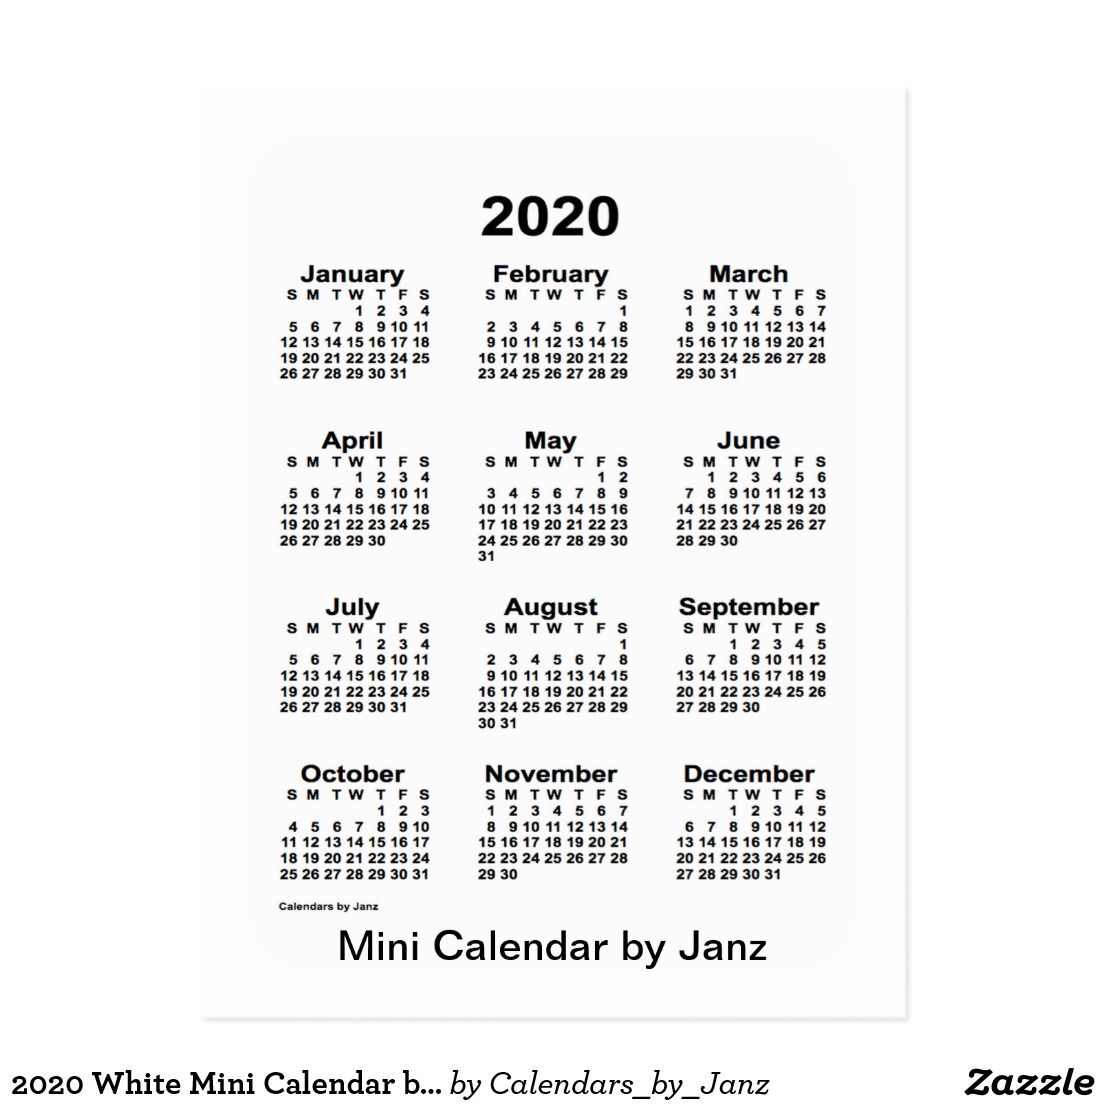 Small Business Saturday 2020.2020 White Mini Calendar By Janz Postcard Zazzle Com In